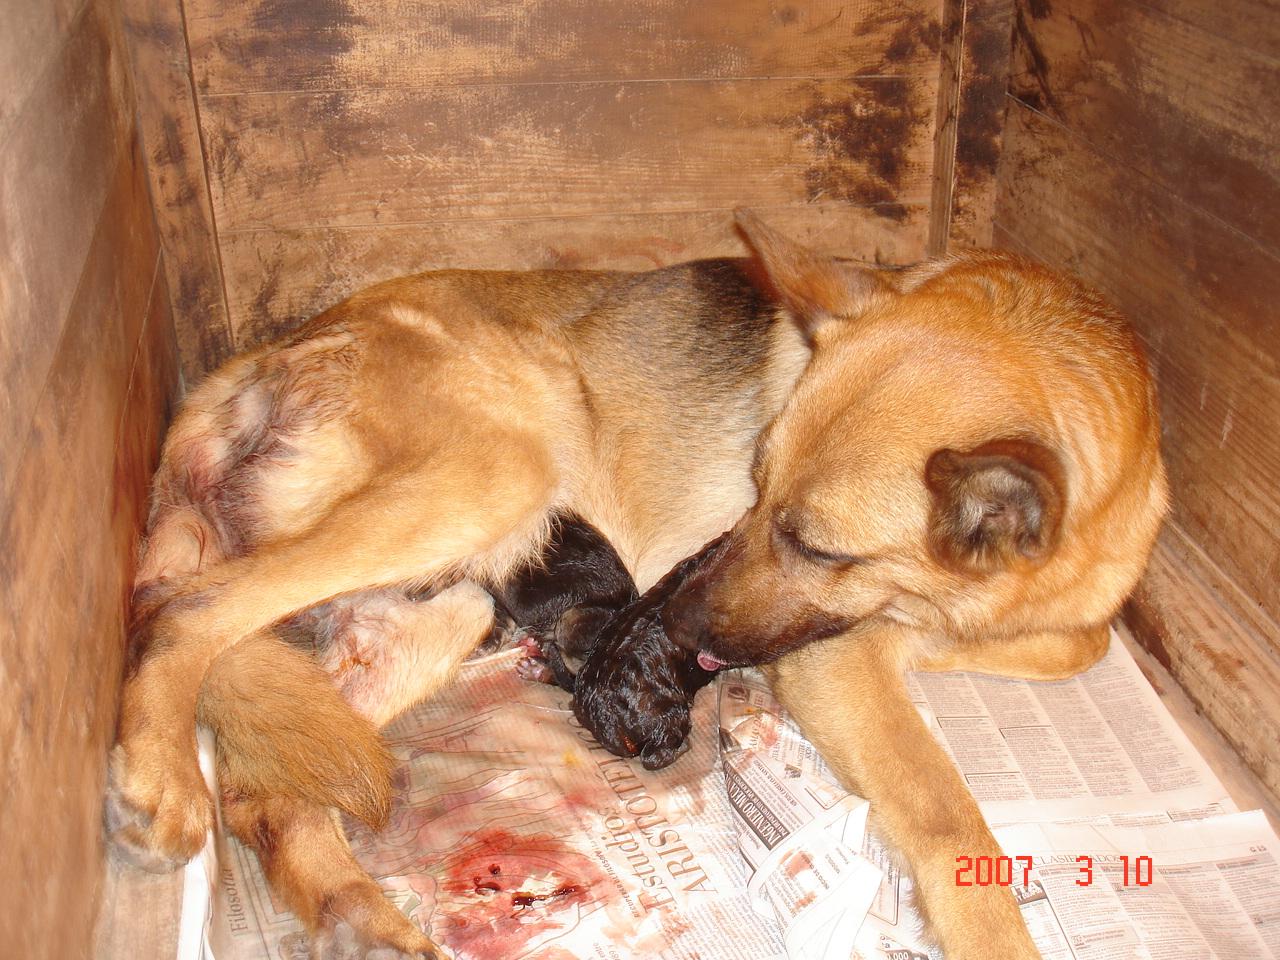 File:Parto canino.JPG - Wikimedia Commons